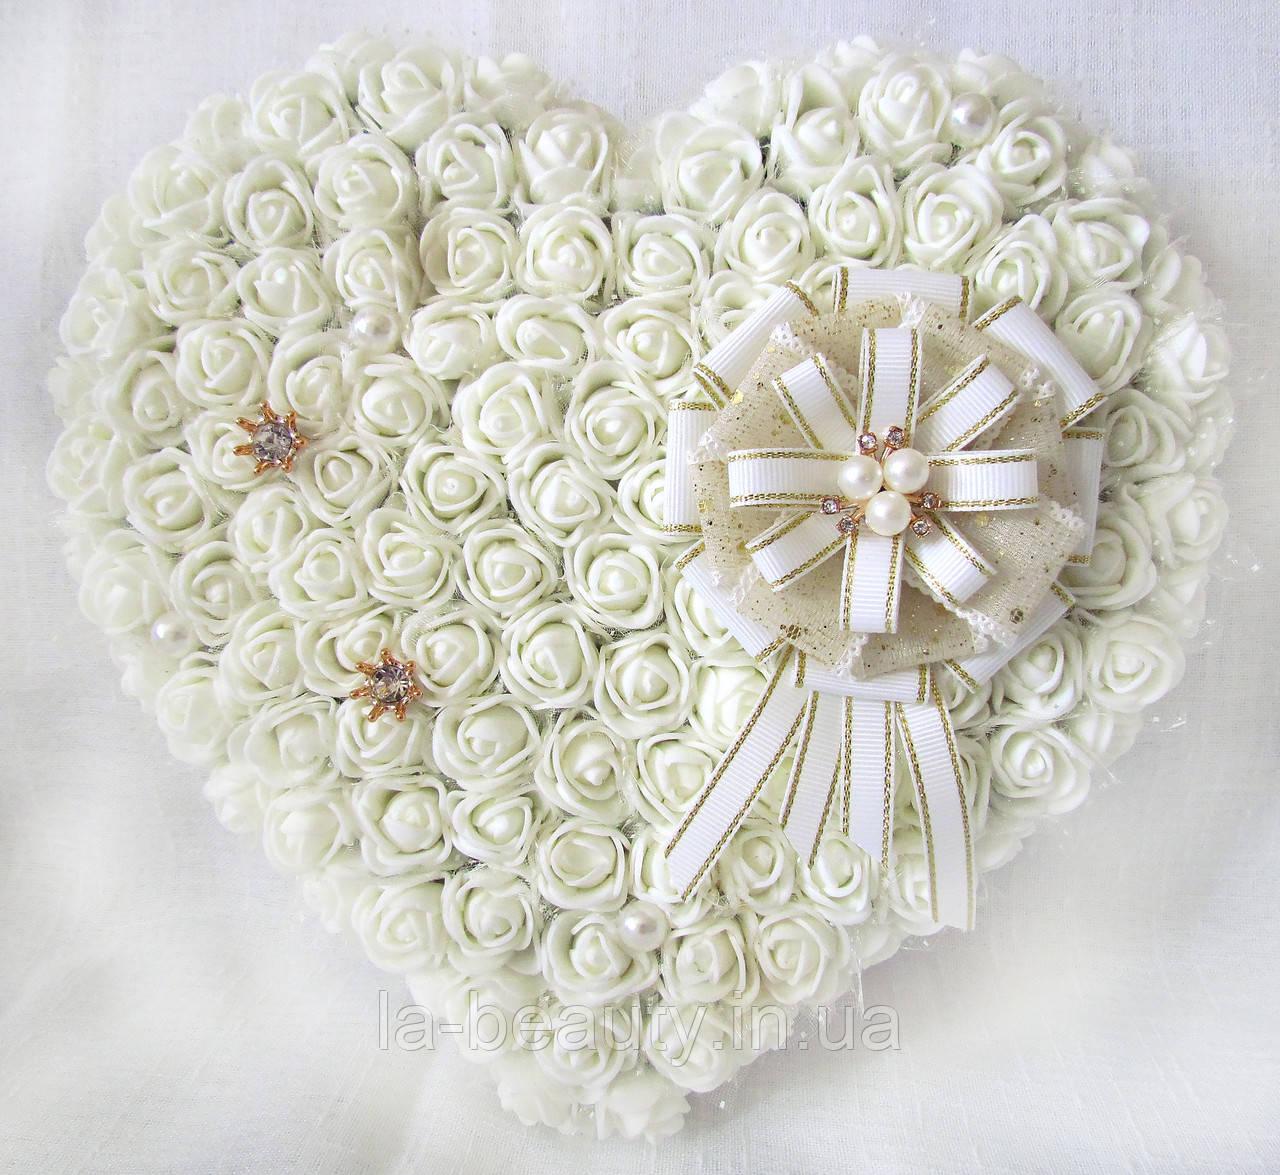 Большая свадебная подушечка для обручальных колец из роз АЙВОРИ LA BEAUTY Studio